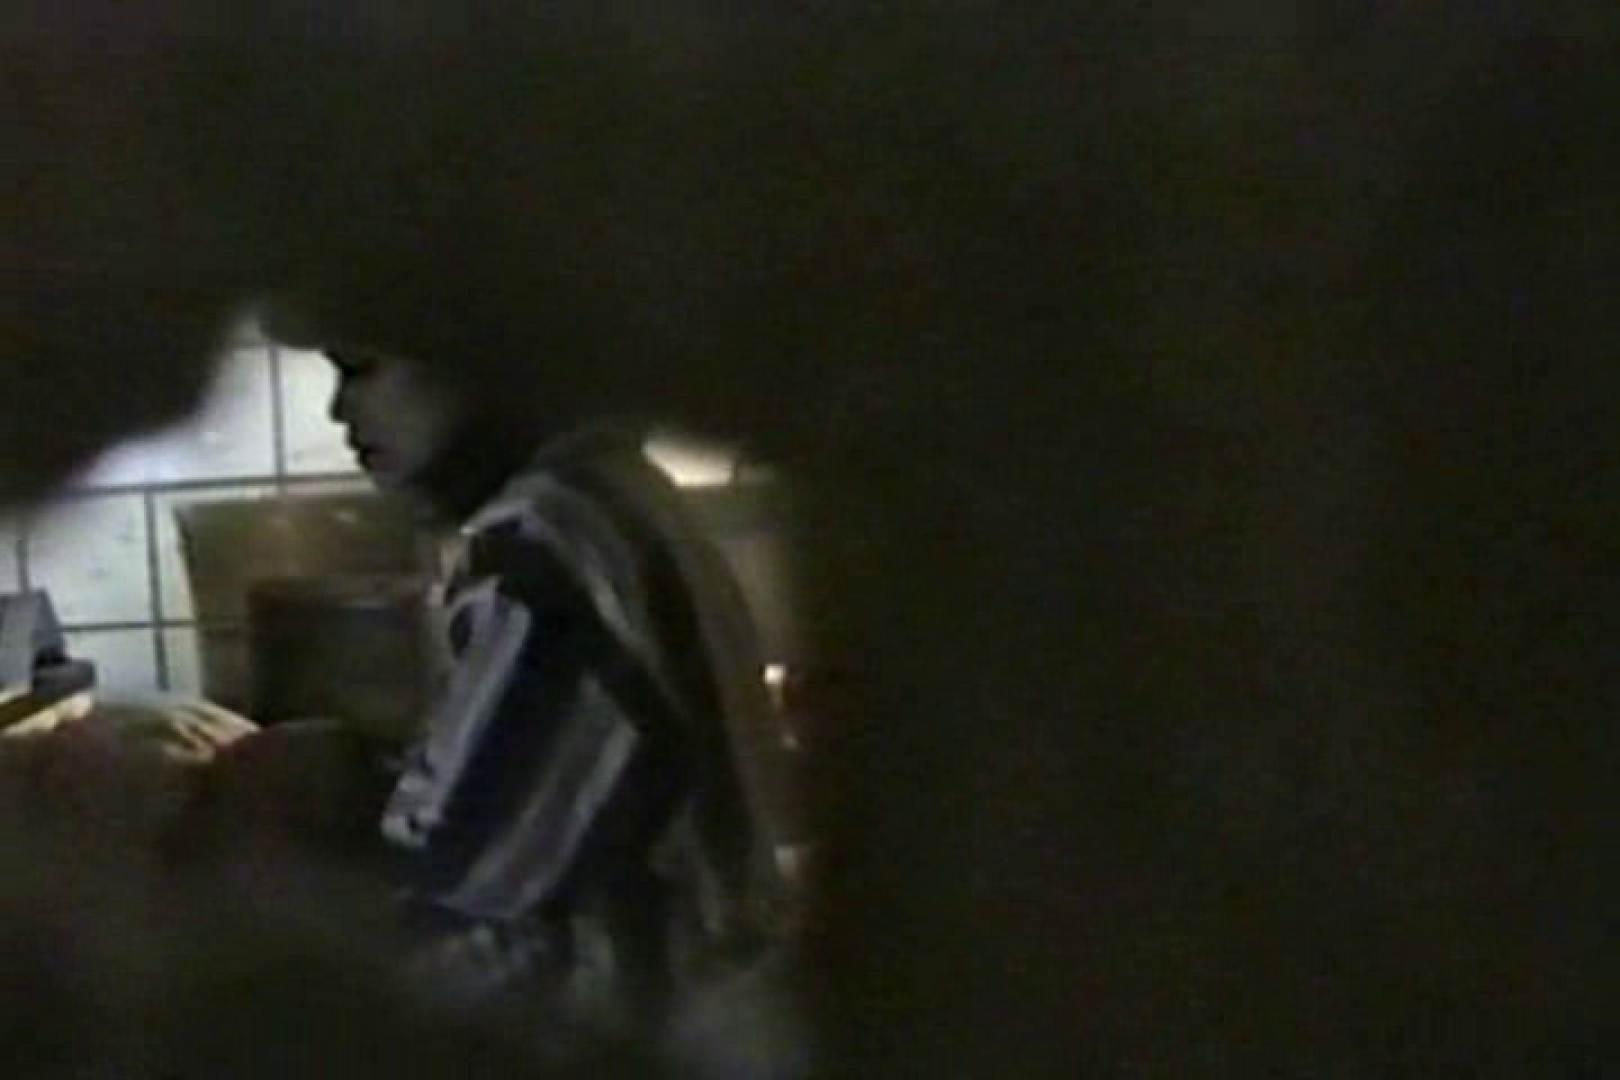 究極の民家覗き撮りVol.4 独占盗撮 のぞき動画画像 35連発 3